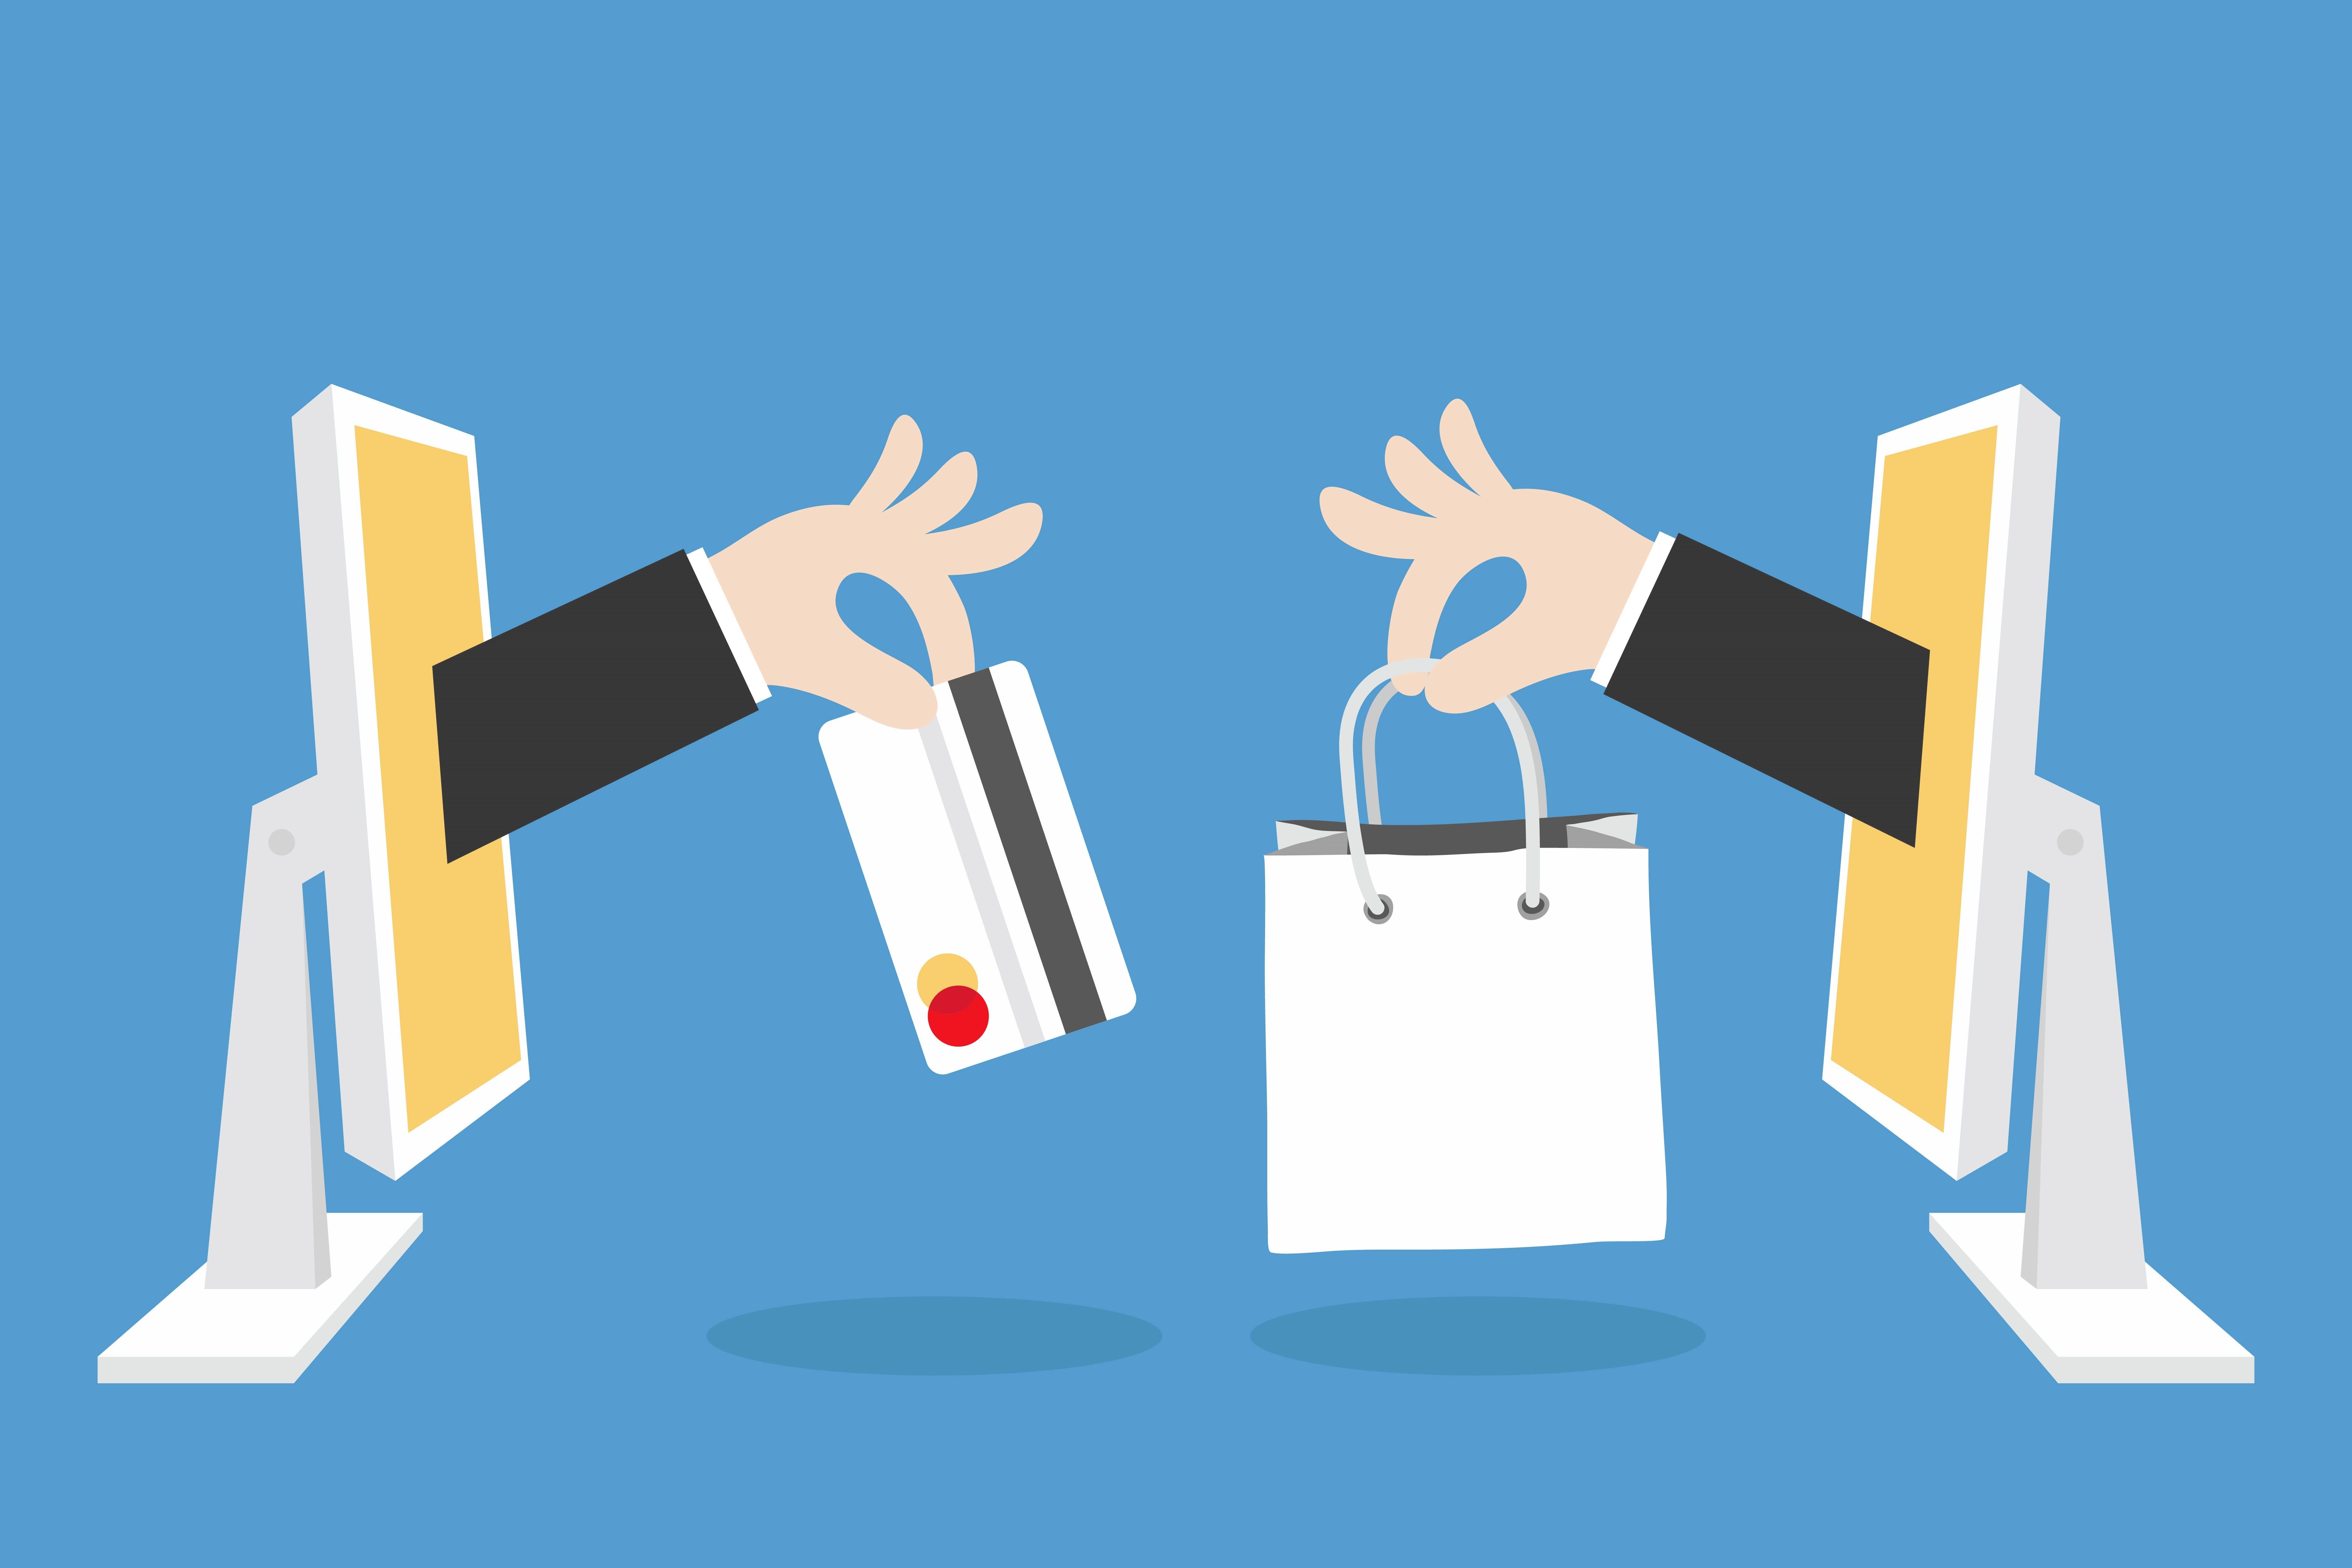 La compra online de regalos originales